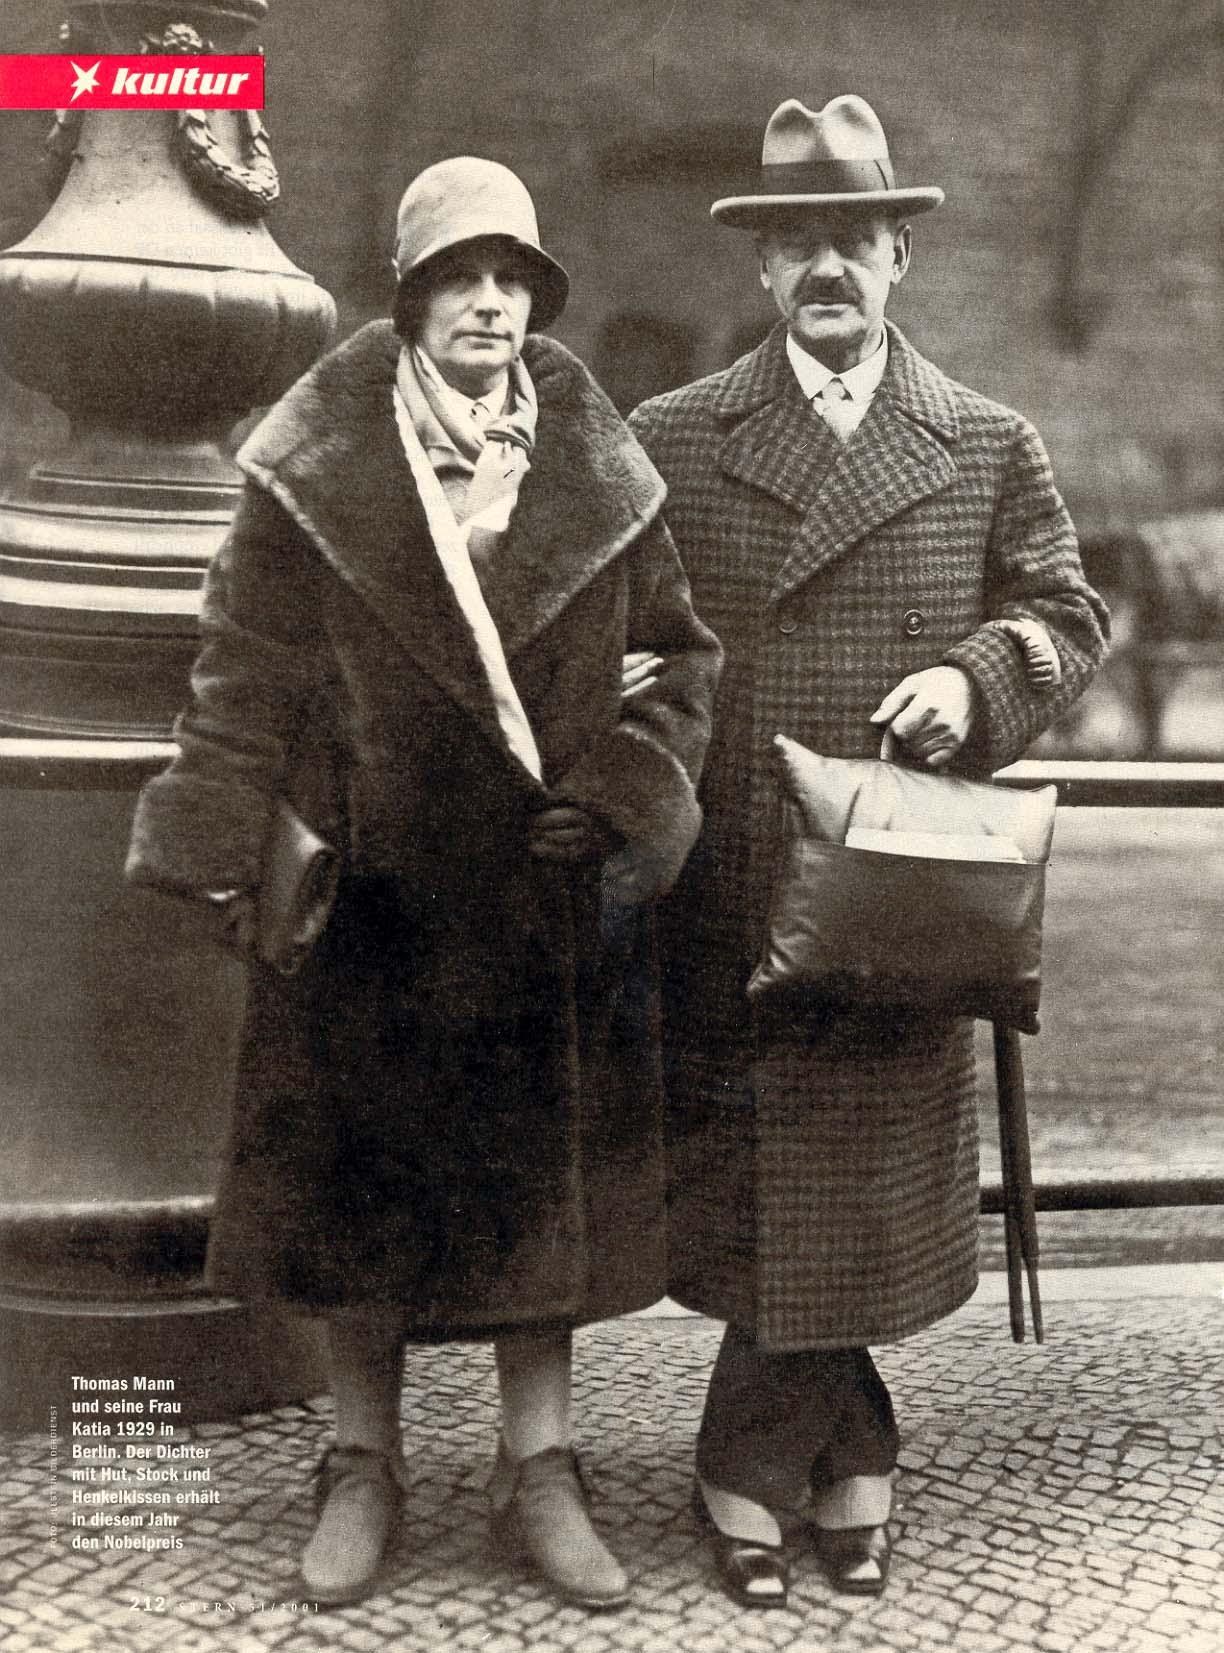 Thomas und Katia Mann 1929, Stern 51, 2001